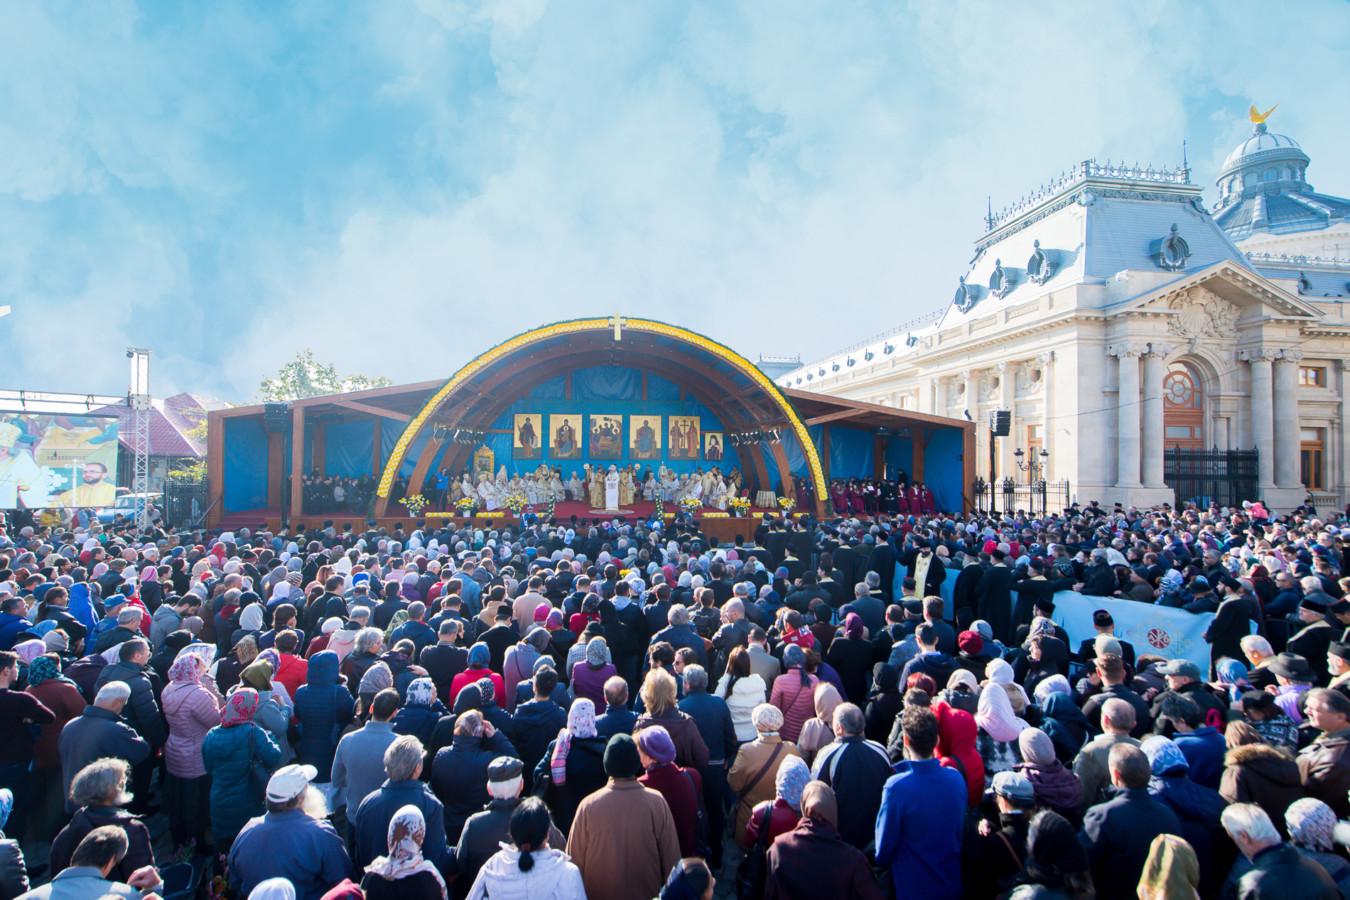 Înaltpreasfințitul Părinte Andrei, la hramul Catedralei Patriarhale, Sf. Dimitrie cel Nou, Ocrotitorul Bucureștilor